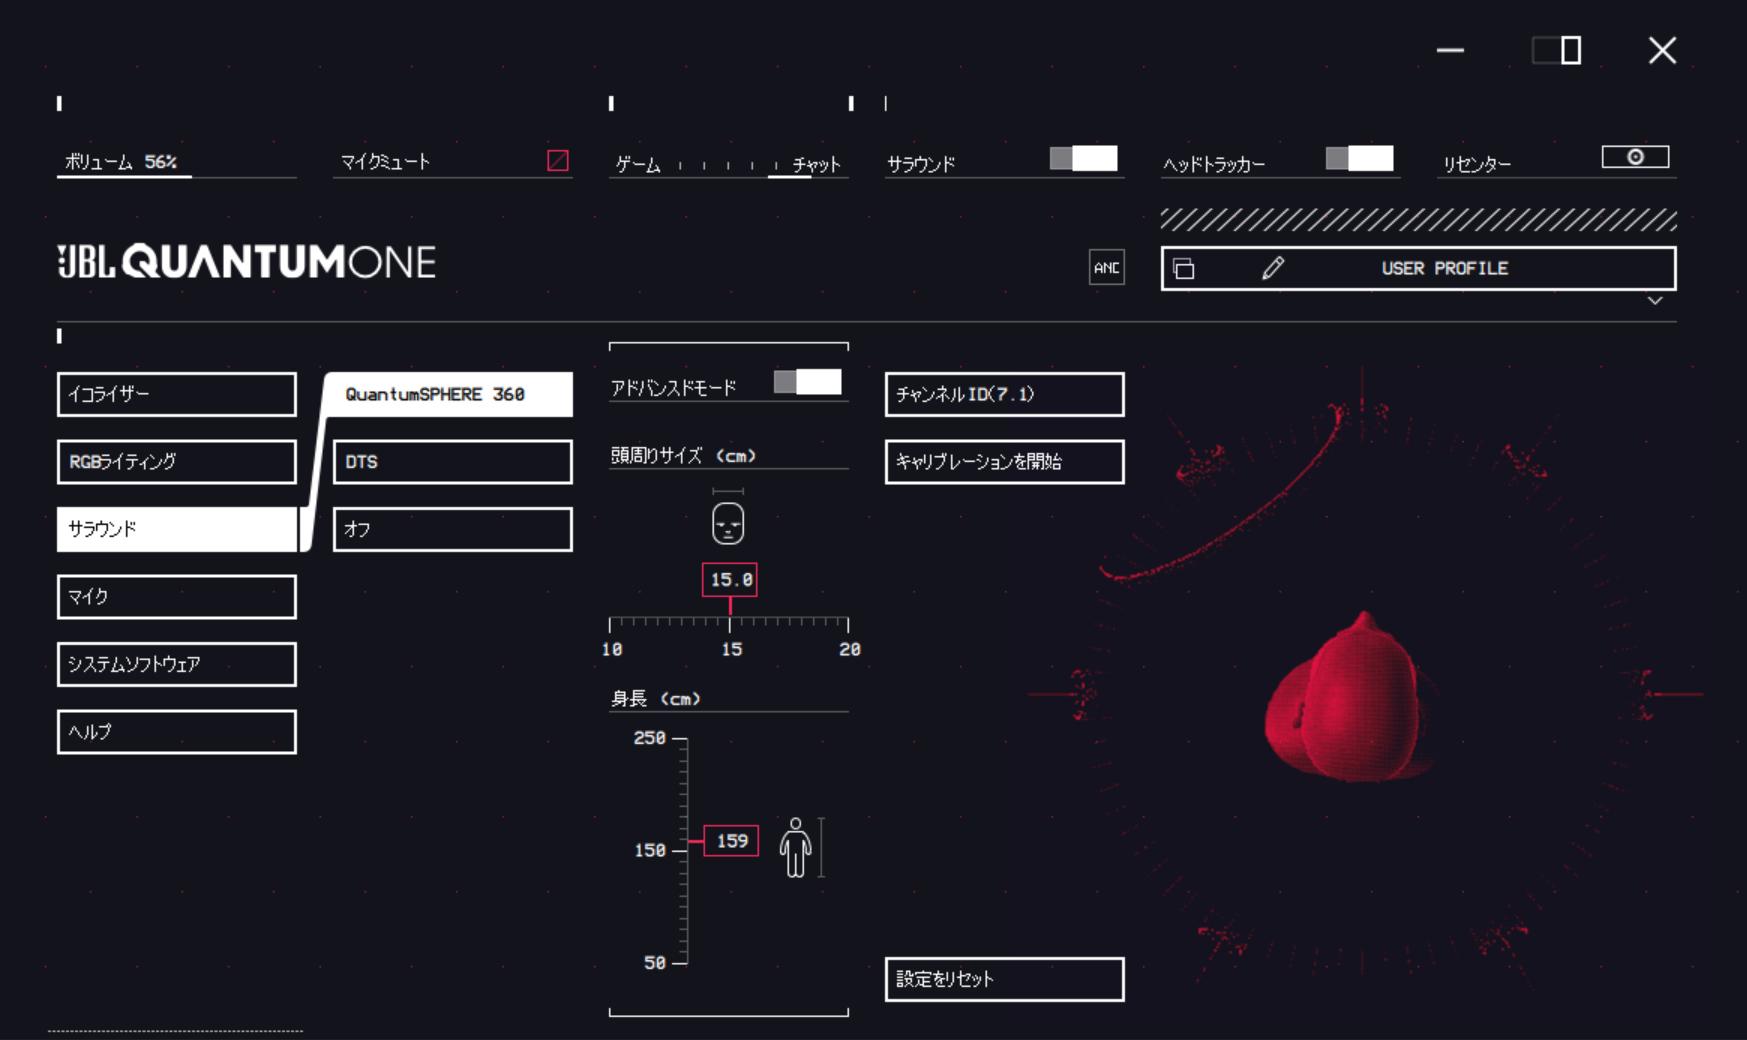 Quantum One接続時の画面